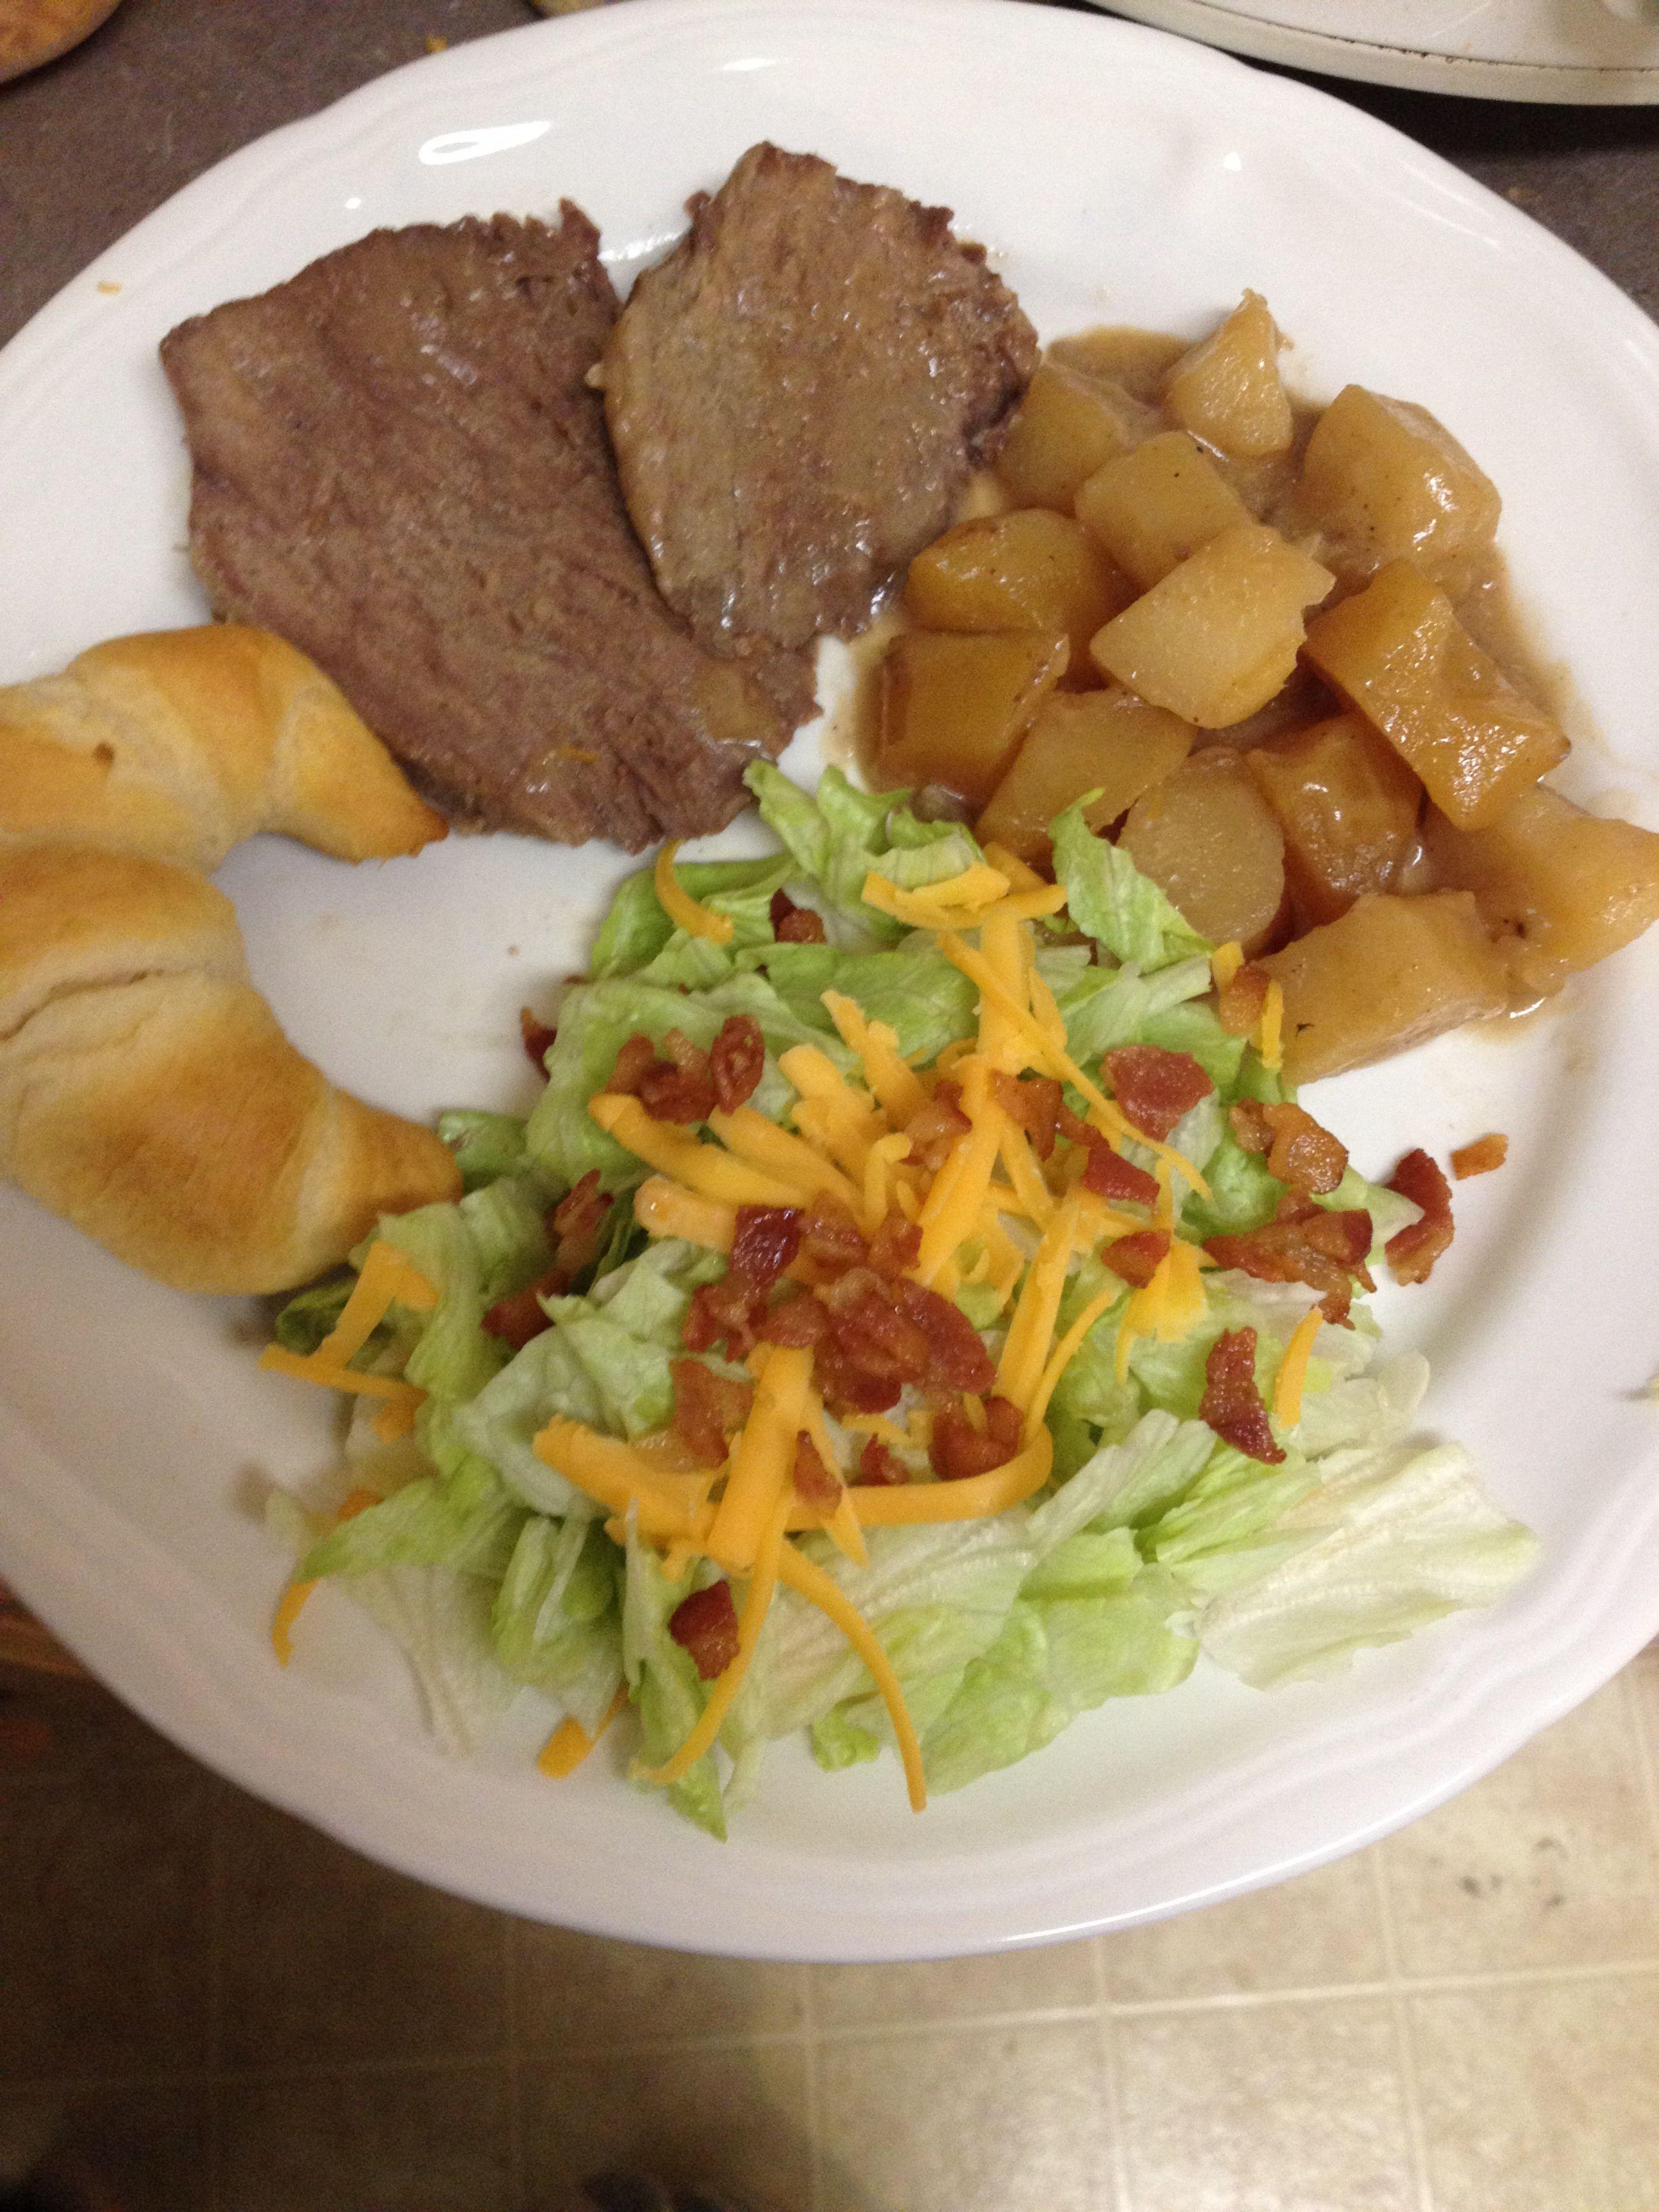 Tender beef roast and potatoes